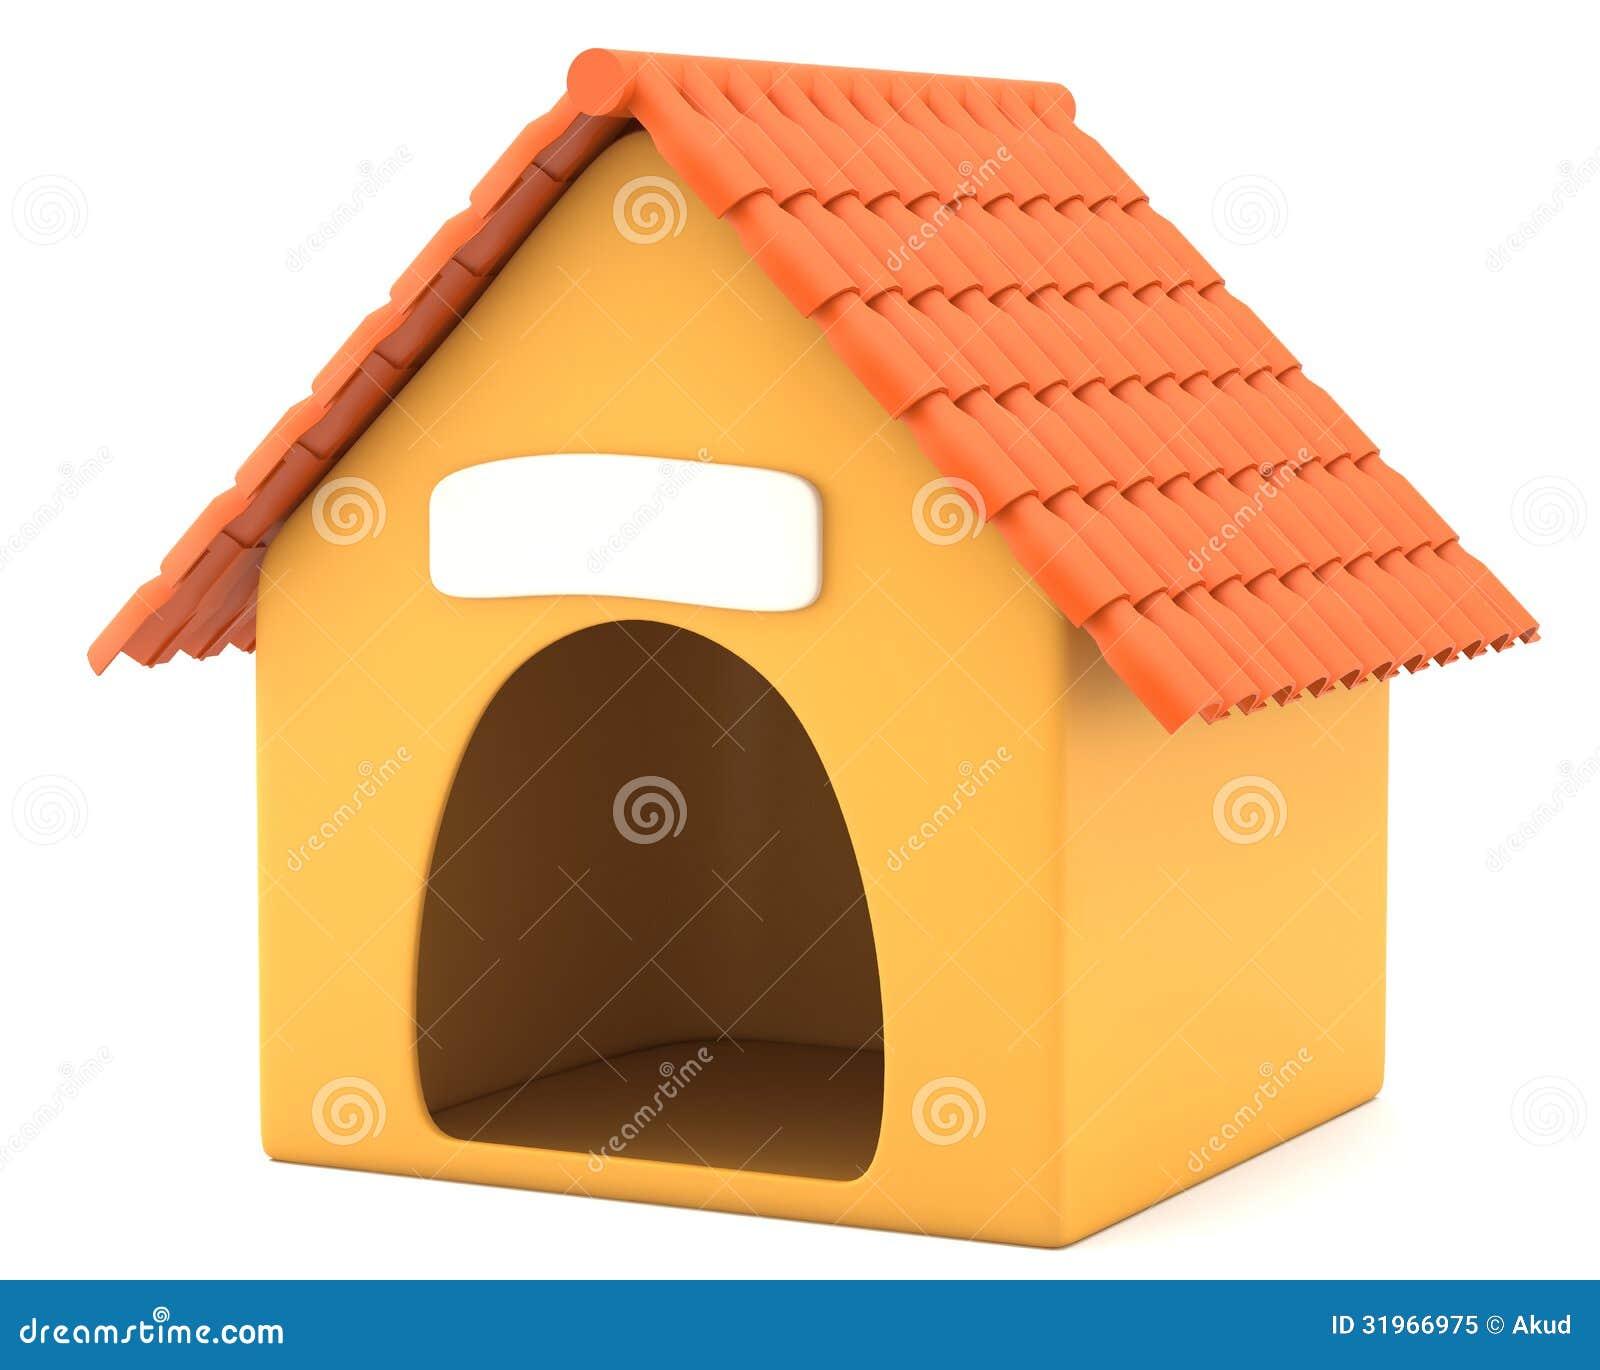 Dog House Background